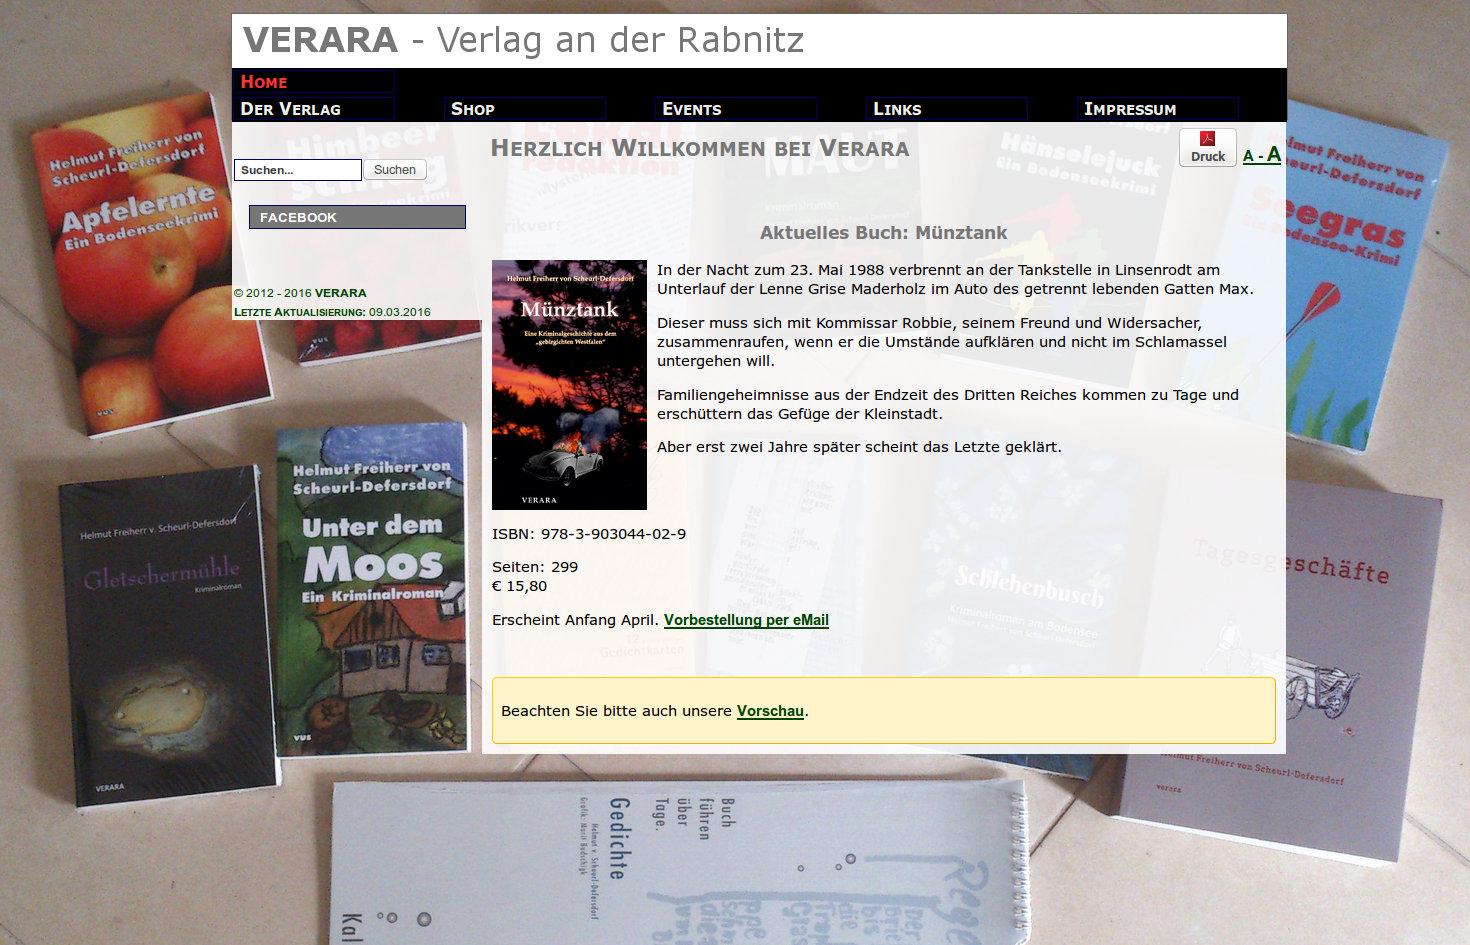 VERARA - Verlag an der Rabnitz